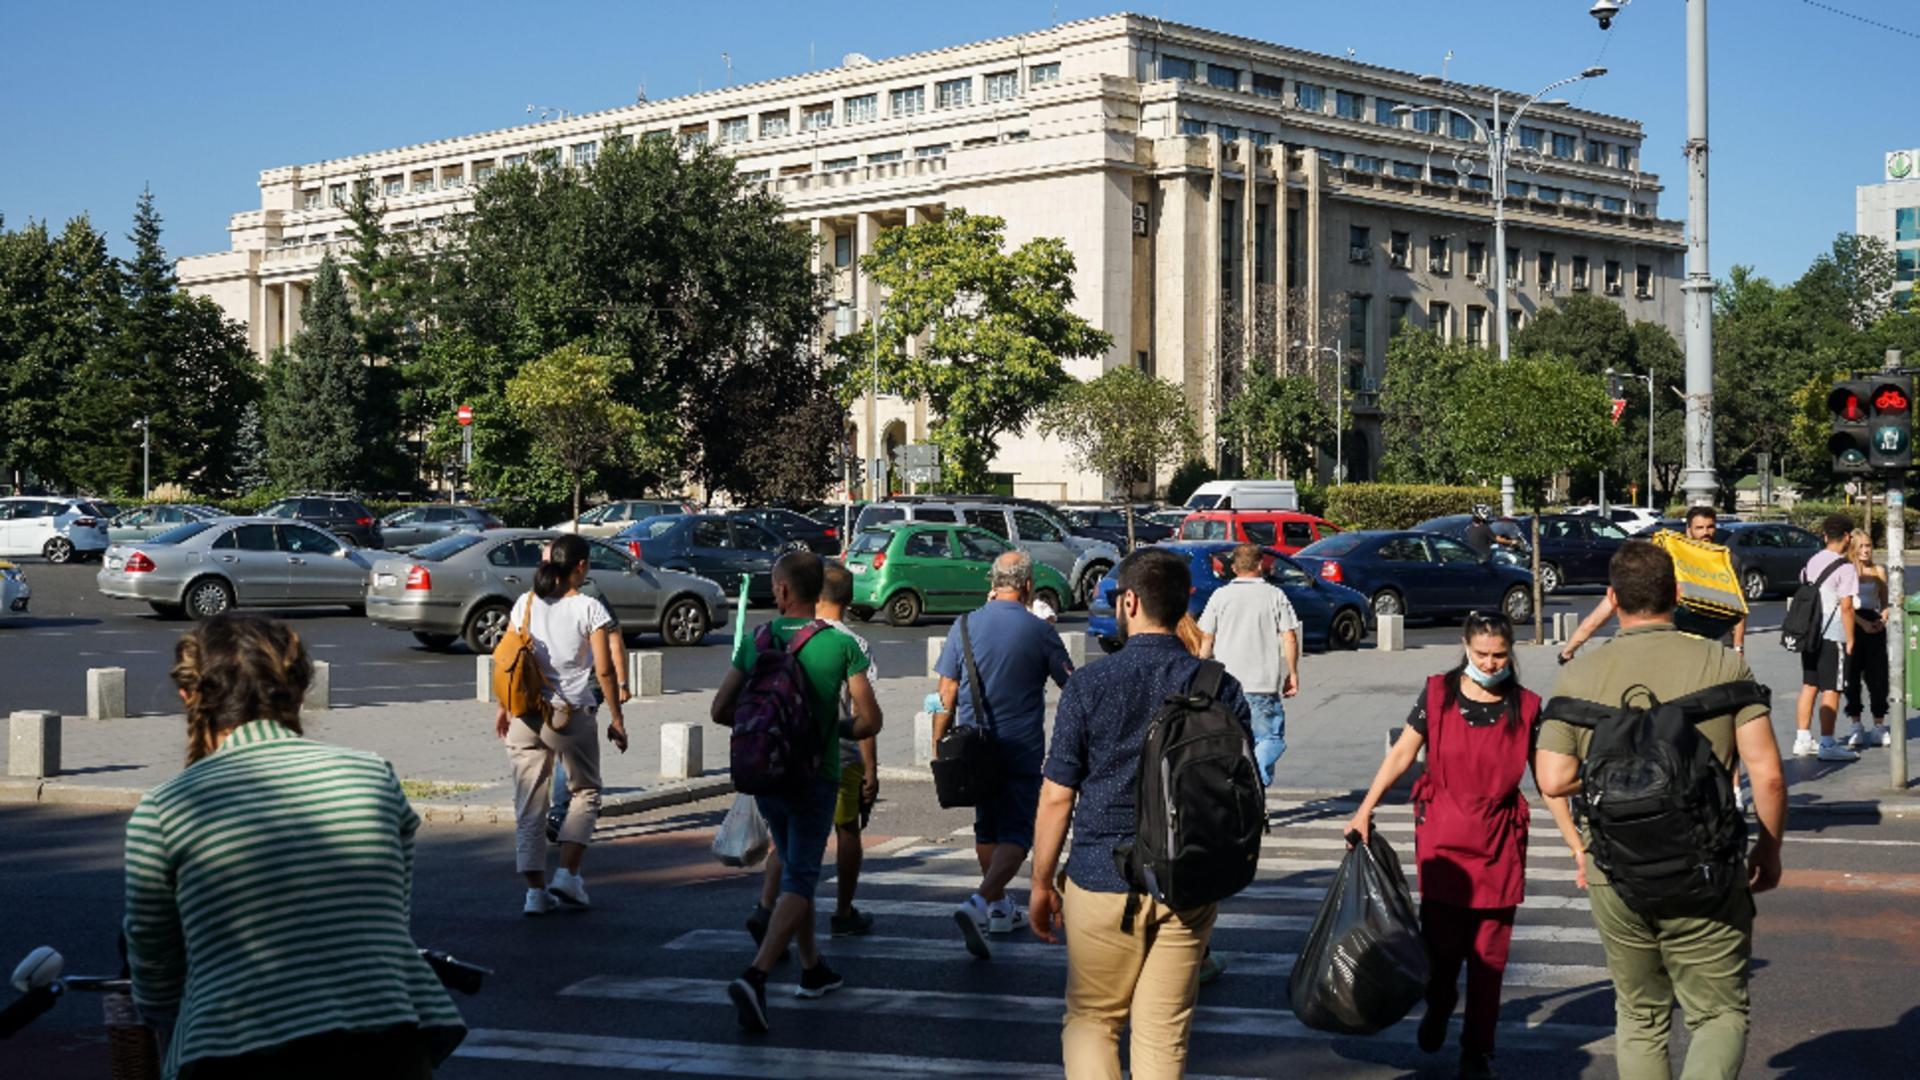 Rata de infectare în Bucureşti a ajuns la 6,64 la mia de locuitori. FOTO: Profi Media